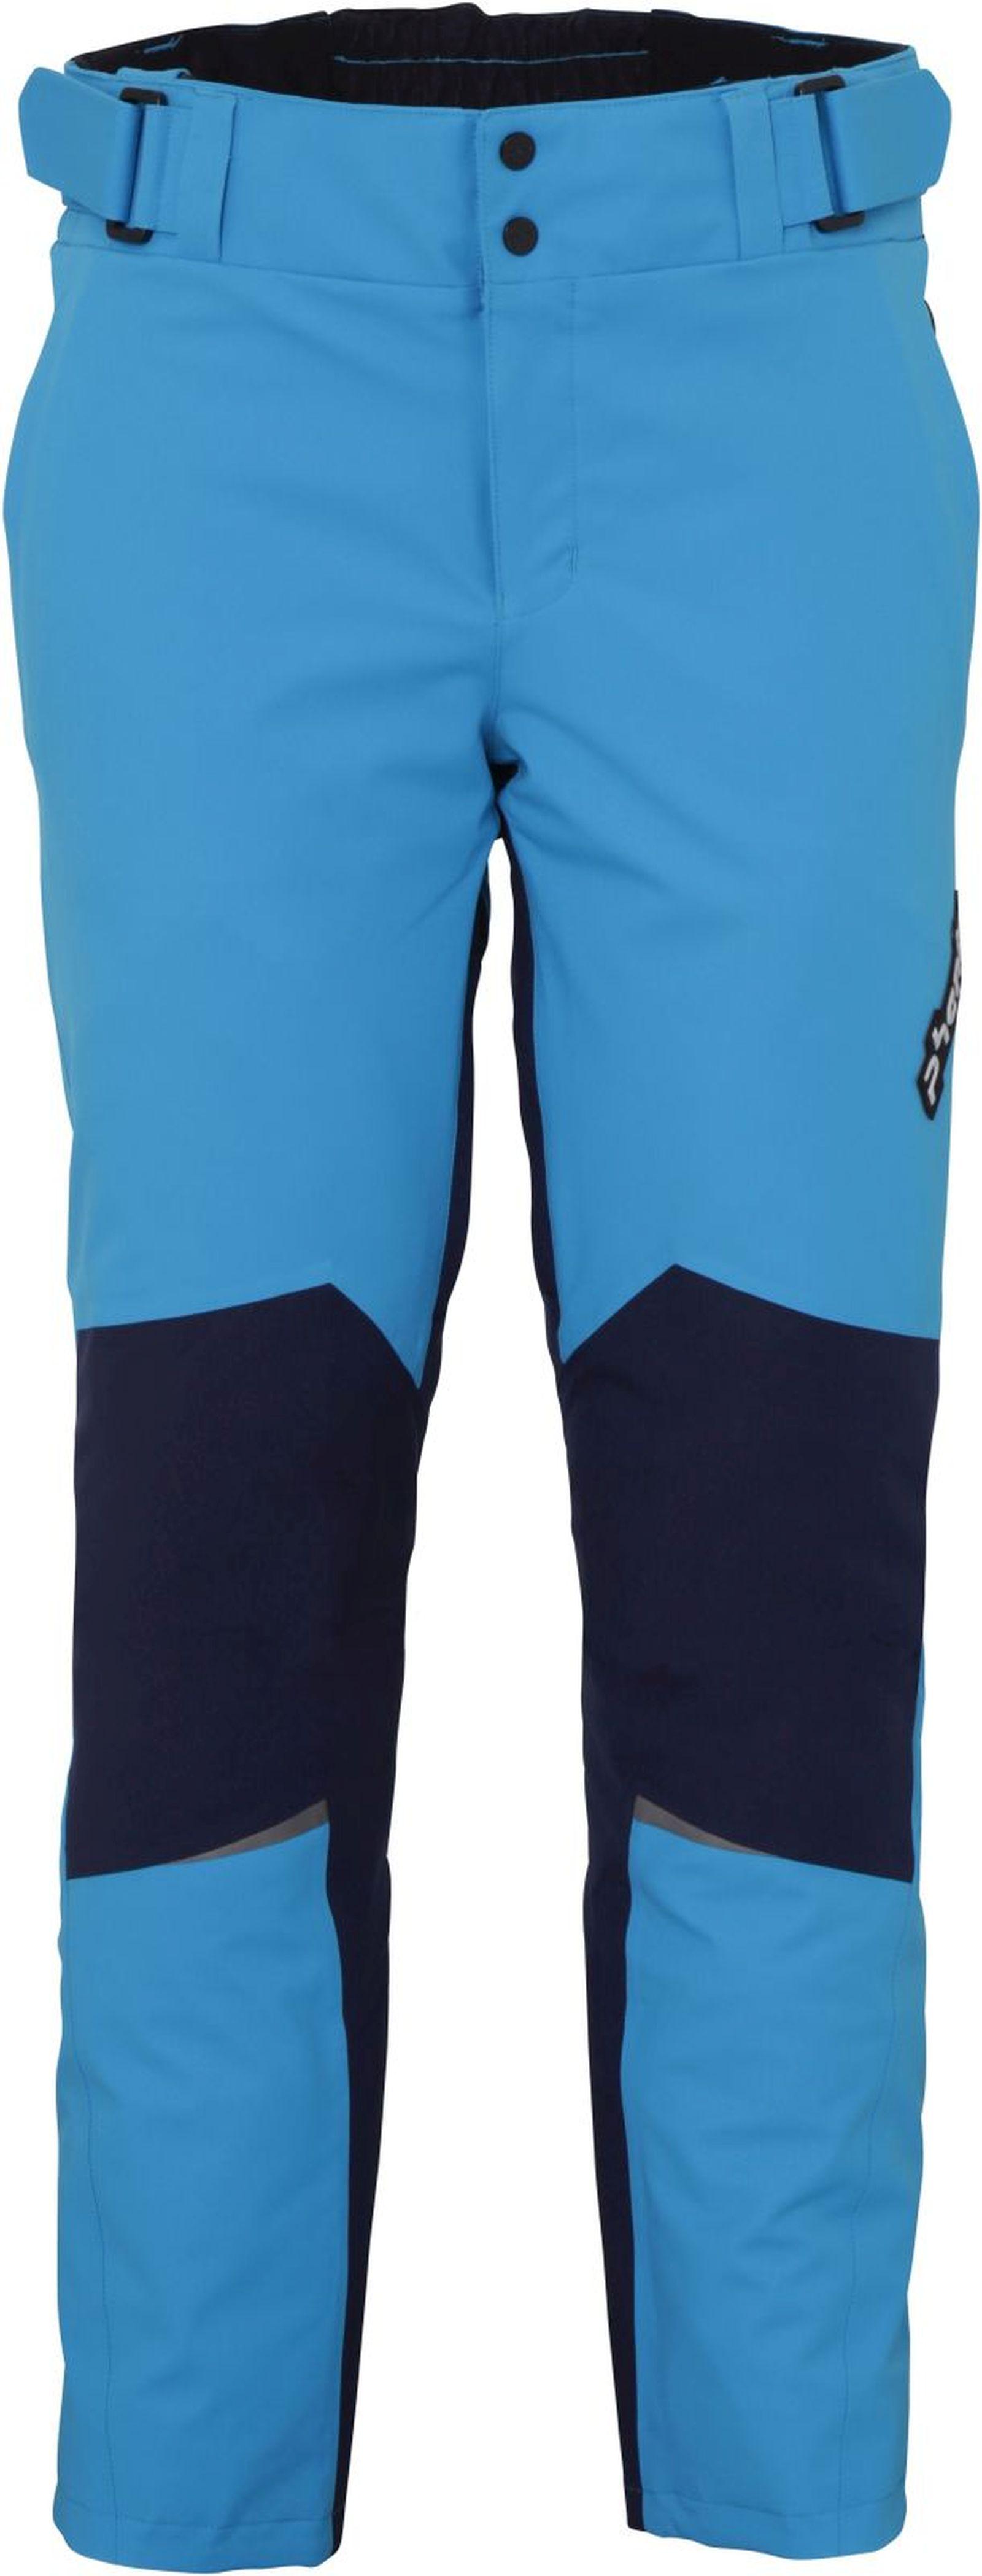 Phenix GT Salopette - turquoise L